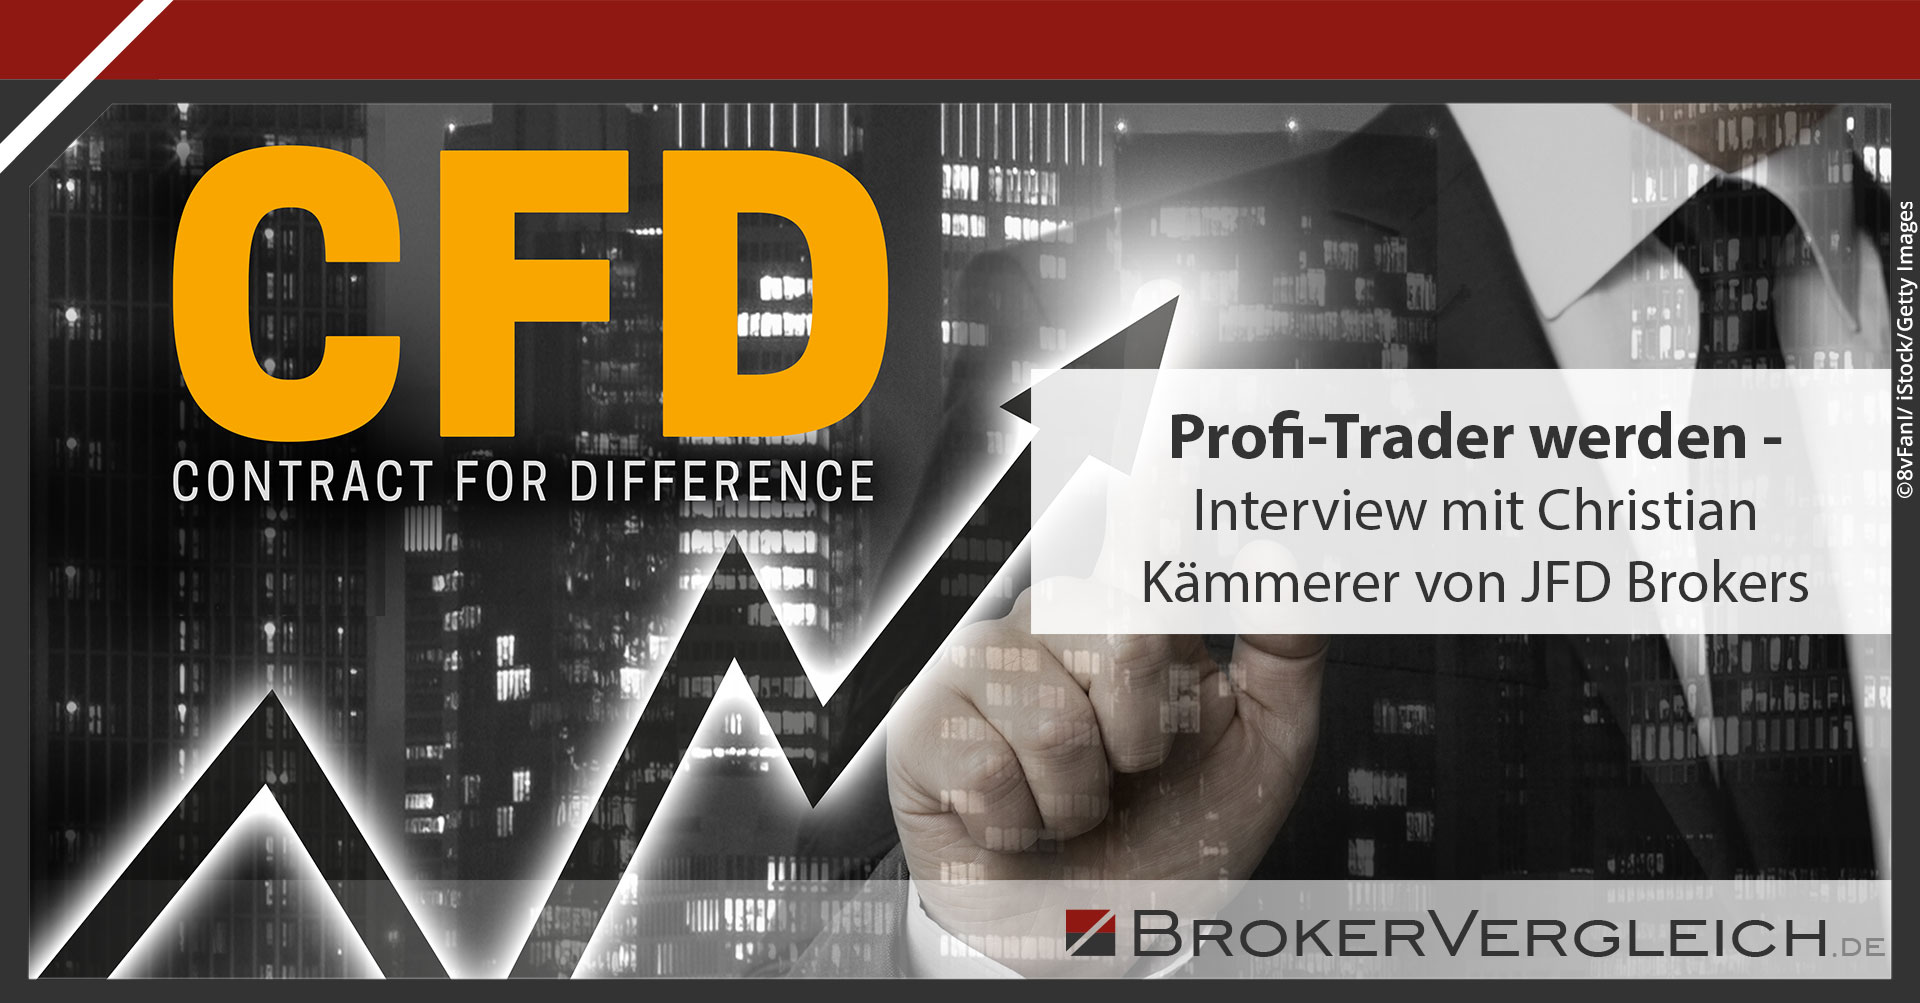 Zum Beitrag - Profi-Trader werden – Interview mit Christian Kämmerer von JFD Brokers